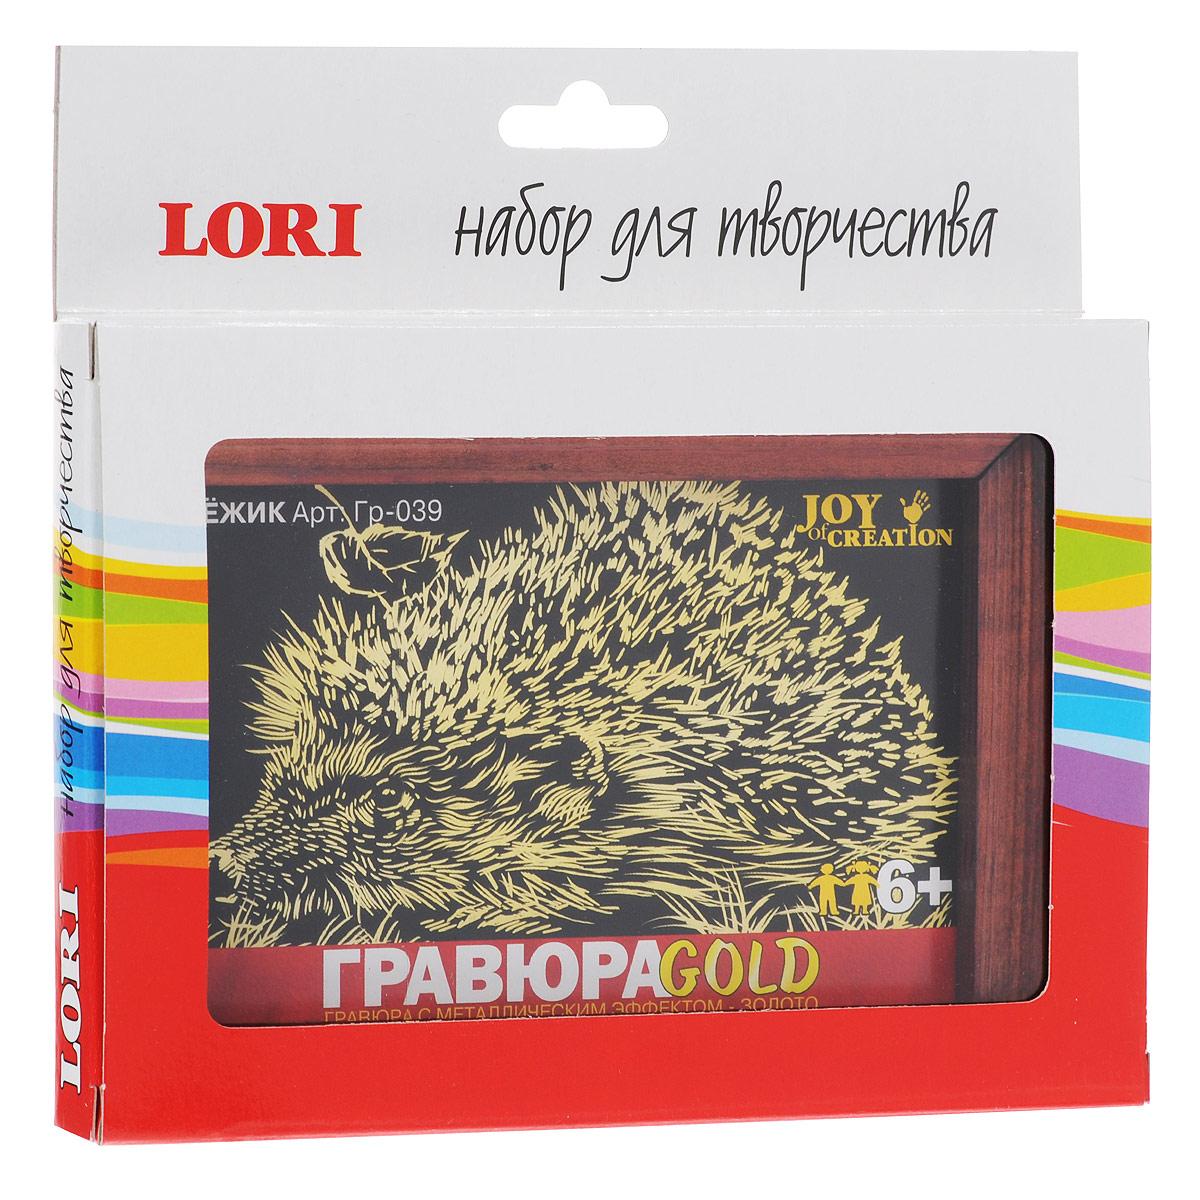 ������� � ������� �������� Lori ���� - Lori��-039������� ����� Lori ���� � ������������� �������� ��� ������ �������� � ��������� ������ � ���������� �� ������ ��� ��������, ���������� �����, ����������� ������� � ���������� �� ������� �����. � ������� ������� ����������� ��������������� �� �������, � ��-��� ���� ������ ���������� ��������� ���������� ������. � ���������� ���������� ����������� ������� � ������������ �����. ������� ������� ����� �������� � ���������� �����, �������� � �����. ��������� � ������������� ������� �������� ������� �������� ������������ �������, ������� ������� ���������� �����������, �������� � ��������������, � ������������ ������� ������ ��������� �������� ������� � ���������� ���������� ��������� ����.